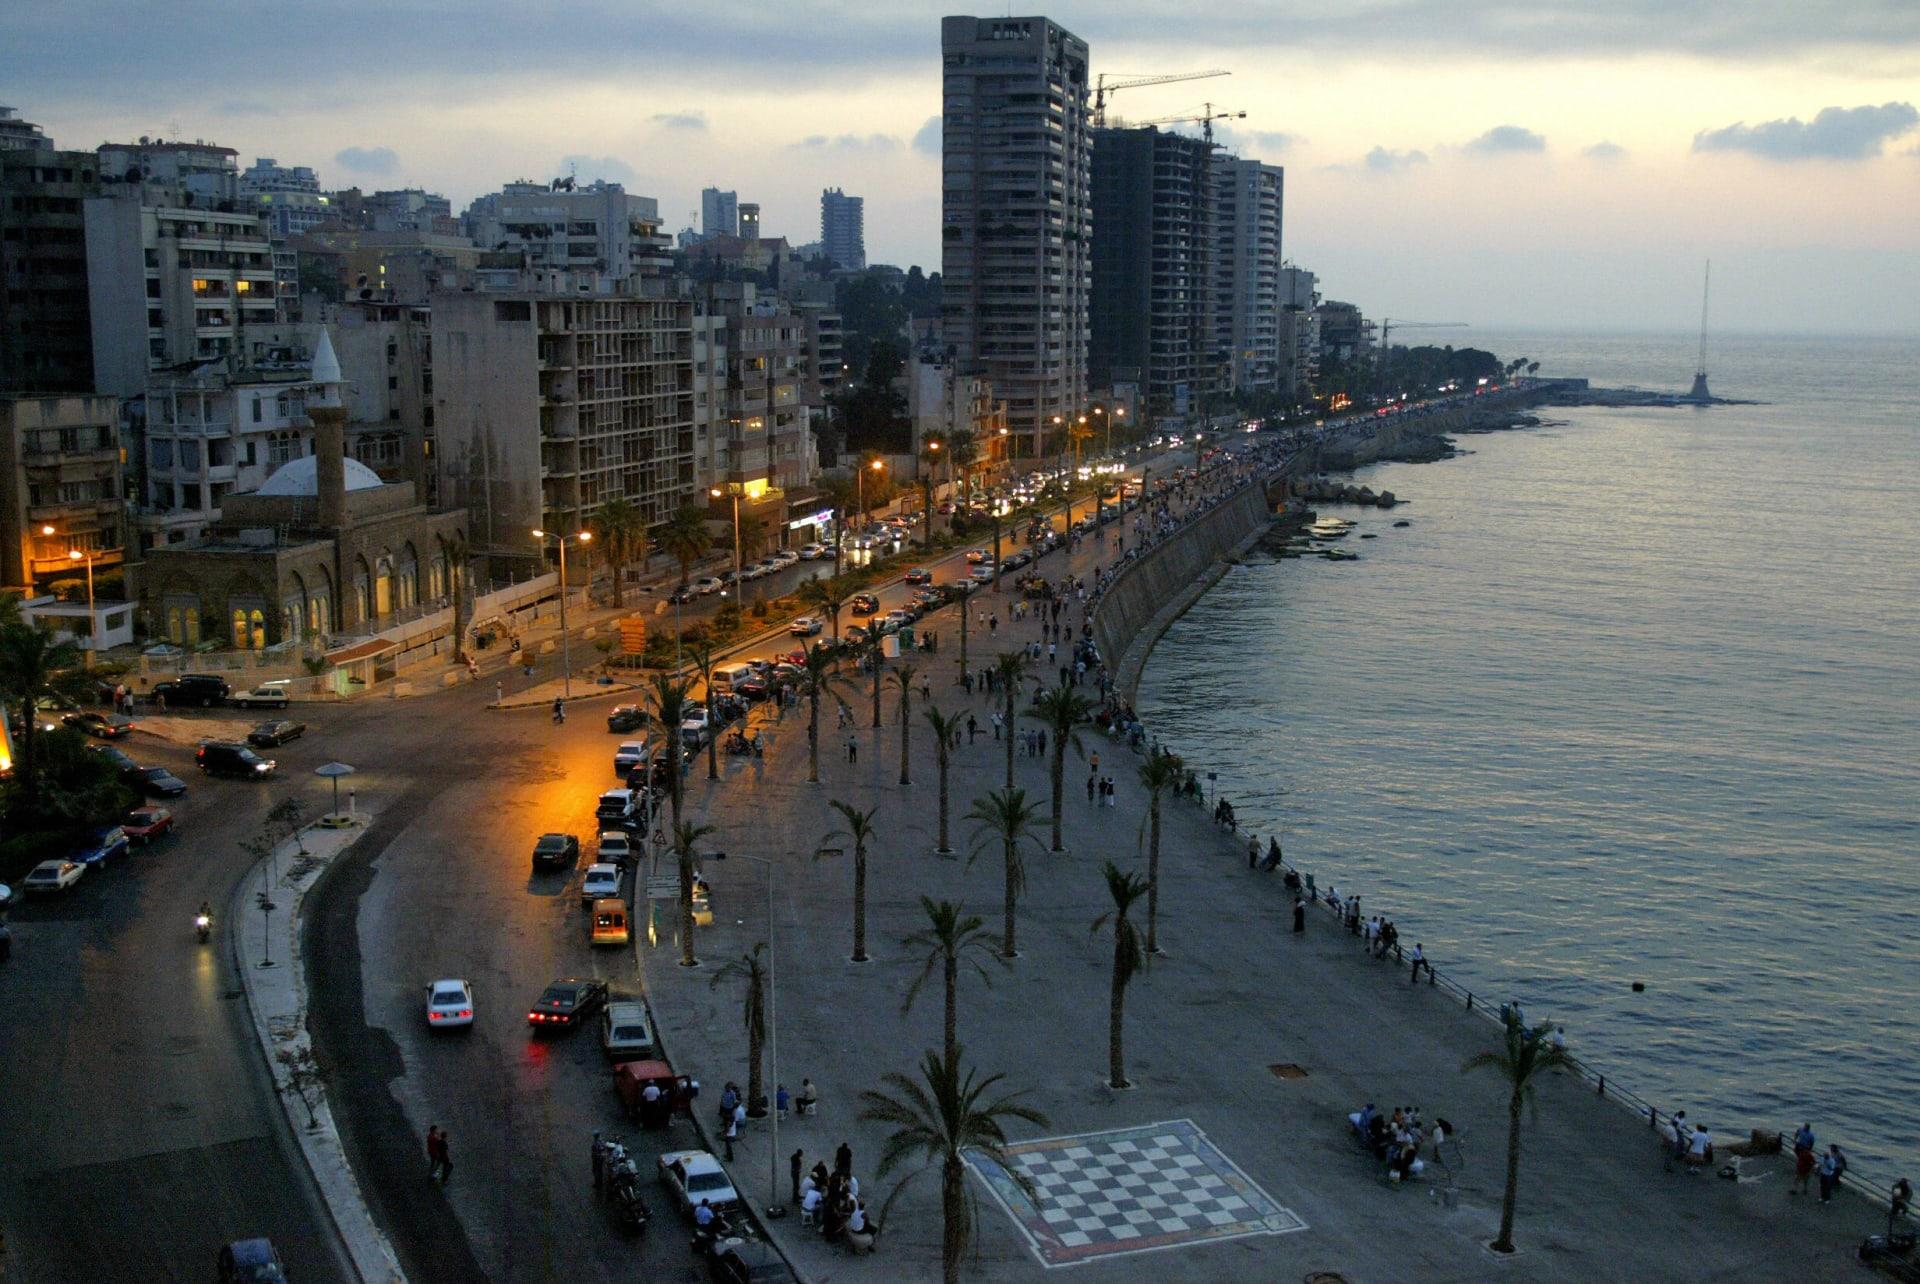 متنبئة لبنانية تتوقع زيارة إسرائيلية لبلادها.. وأفيخاي أدرعي يُعلق